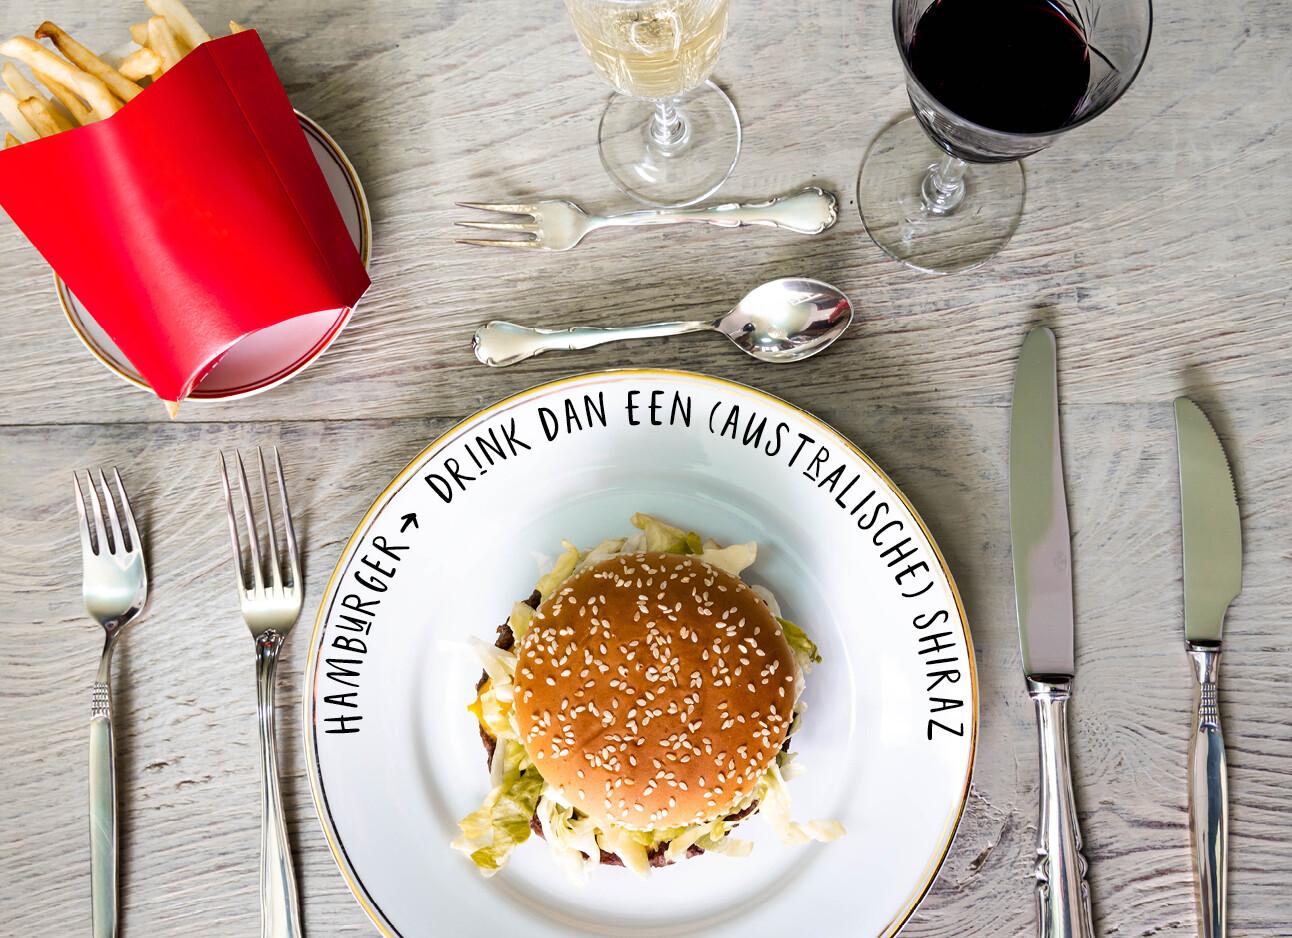 Hamburger, friet en wijn op een gedekte tafel